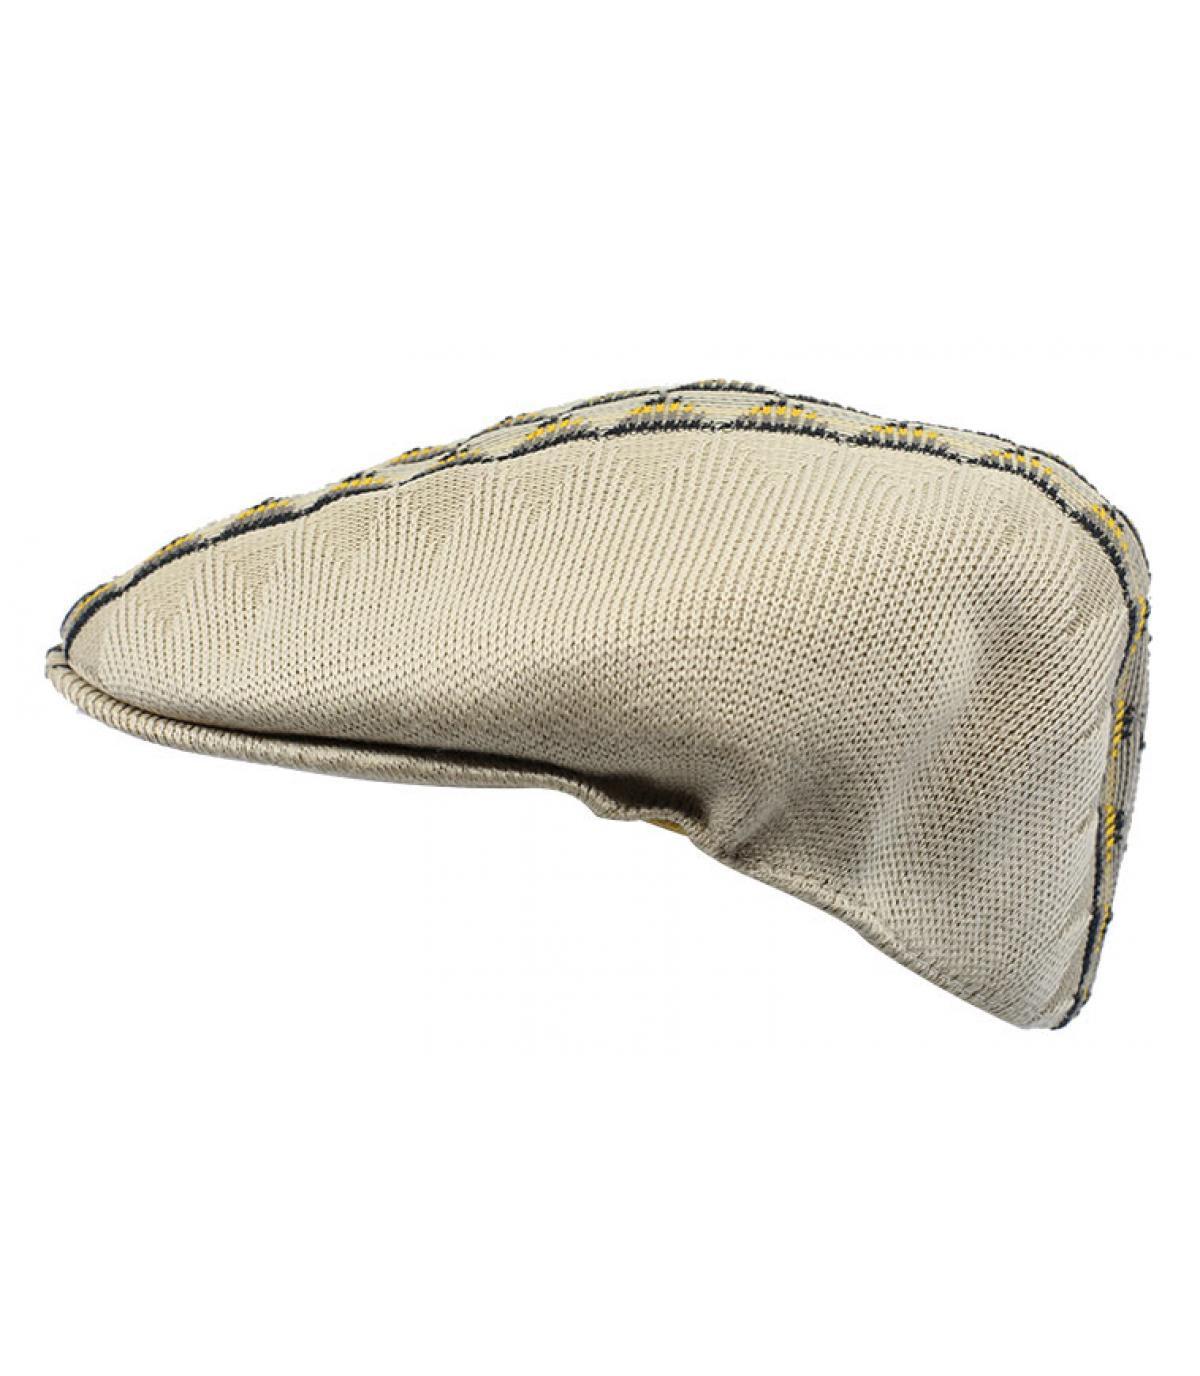 Dettagli Argyle 504 beige - image 2